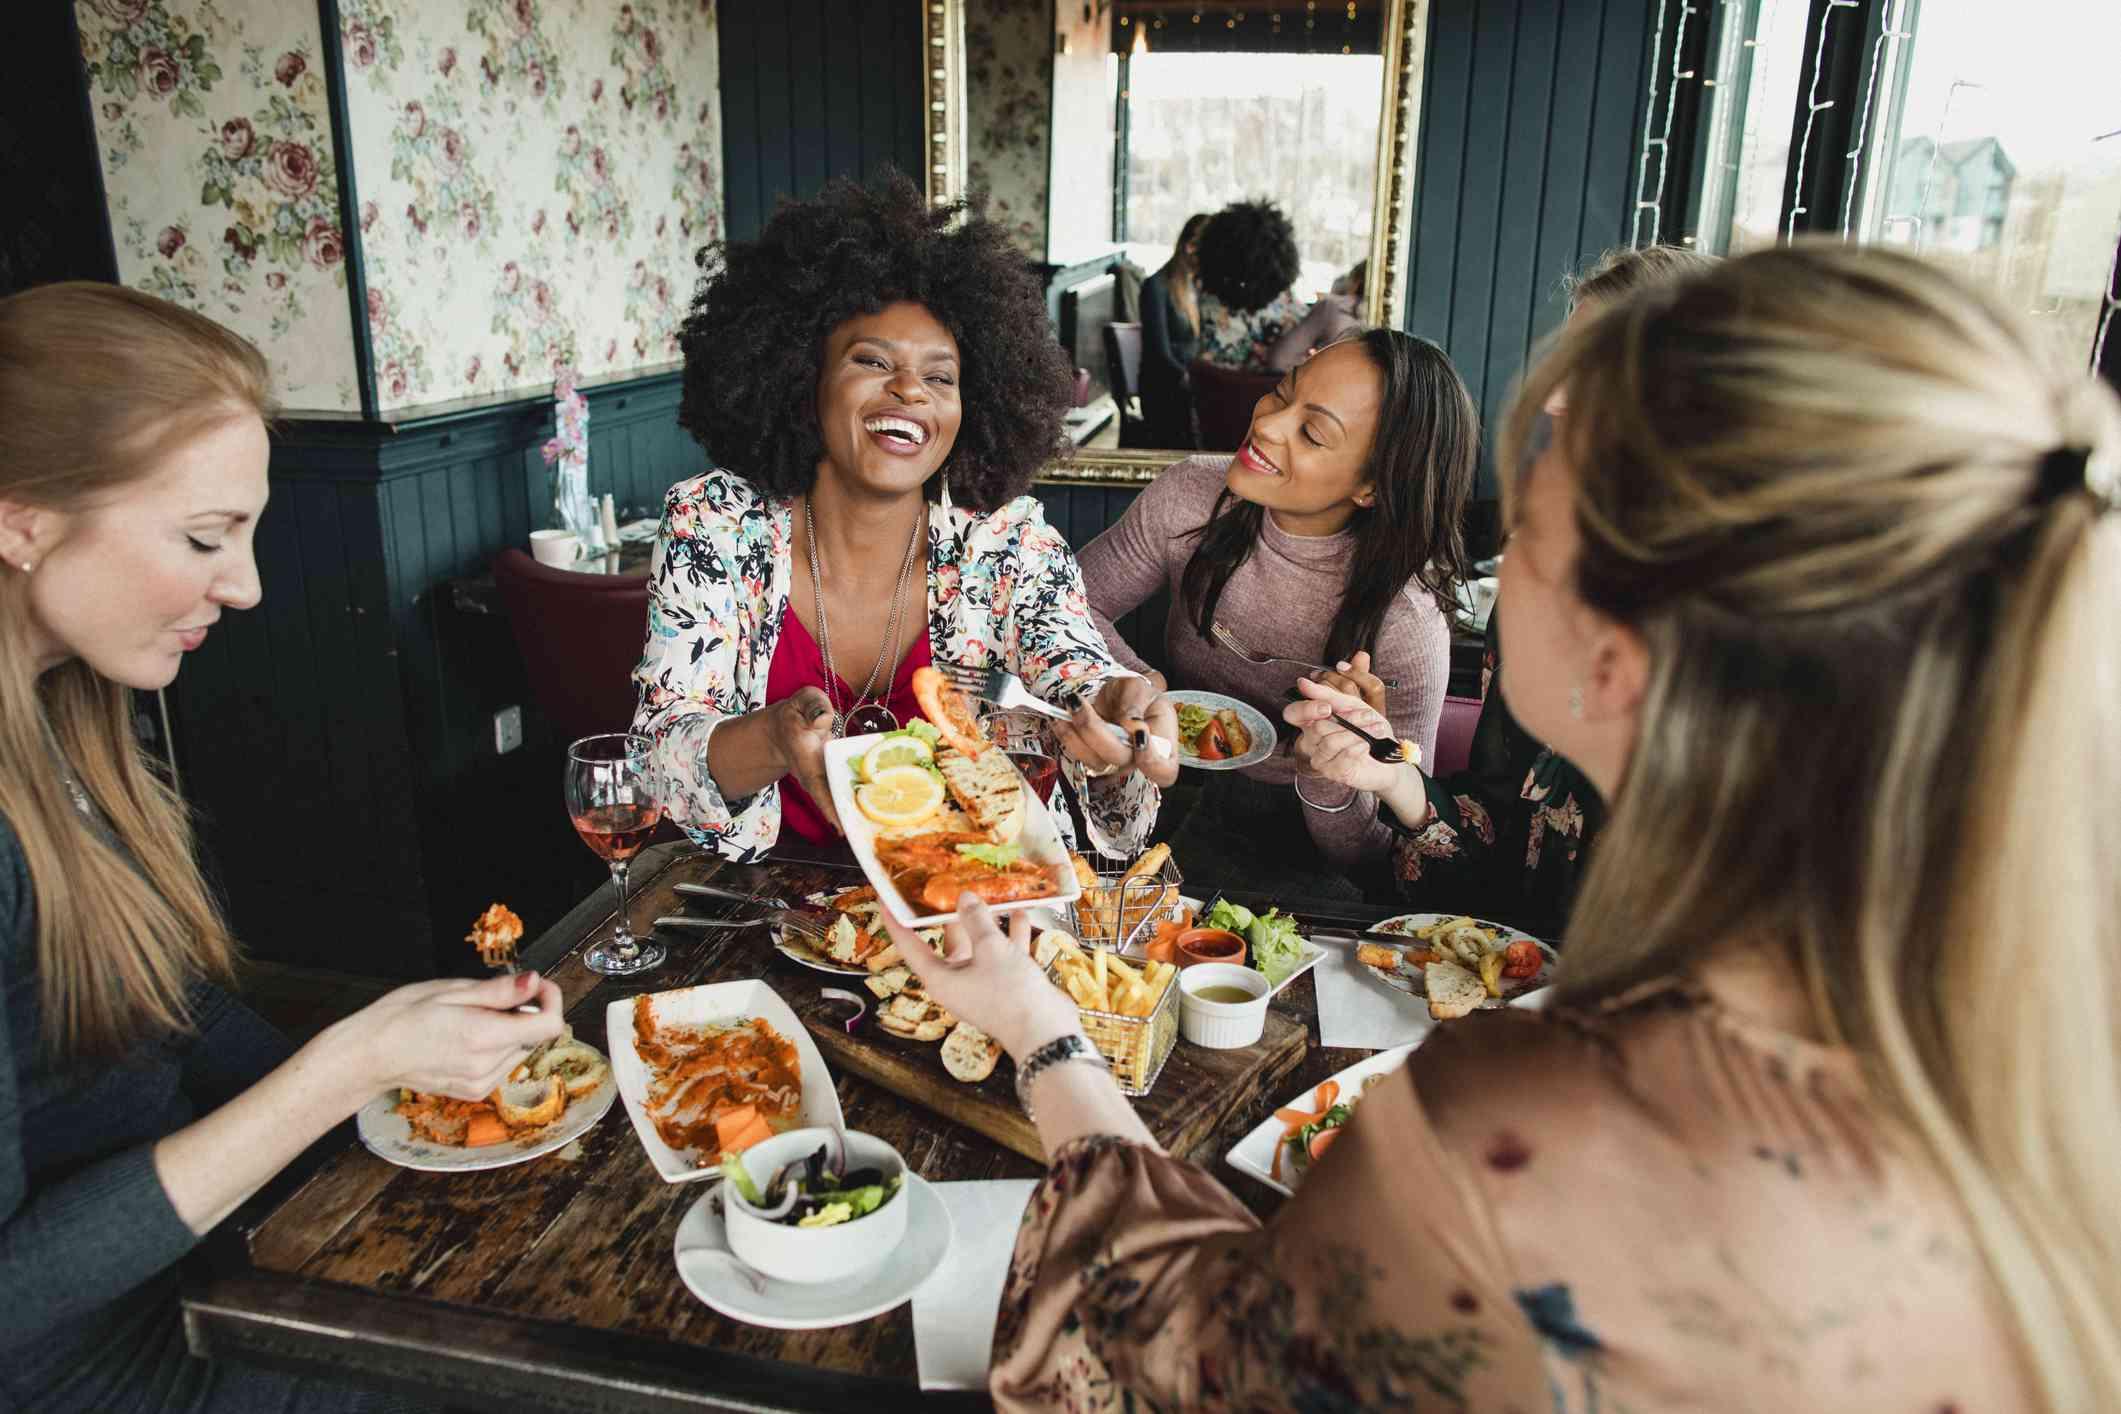 Grupo de mujeres comiendo y hablando en un restaurante